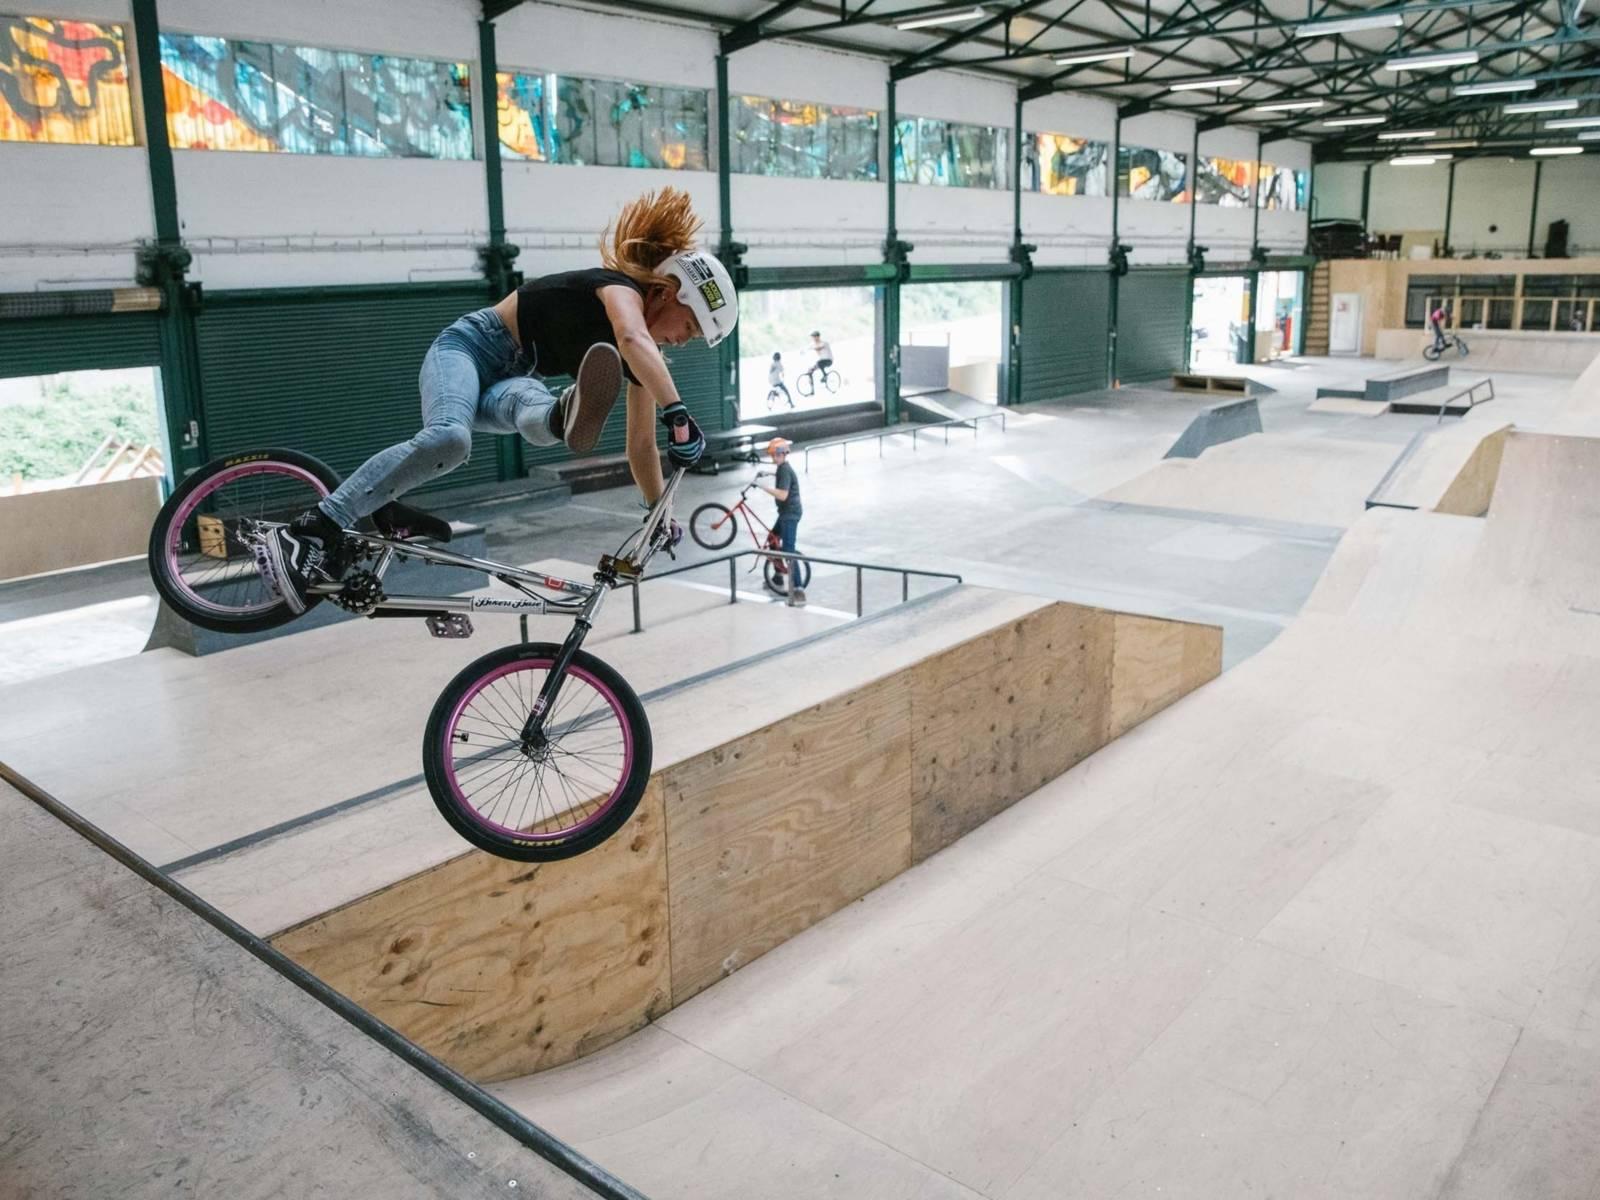 Eine Person auf einem Rad in einer Halle auf einer Rampe.